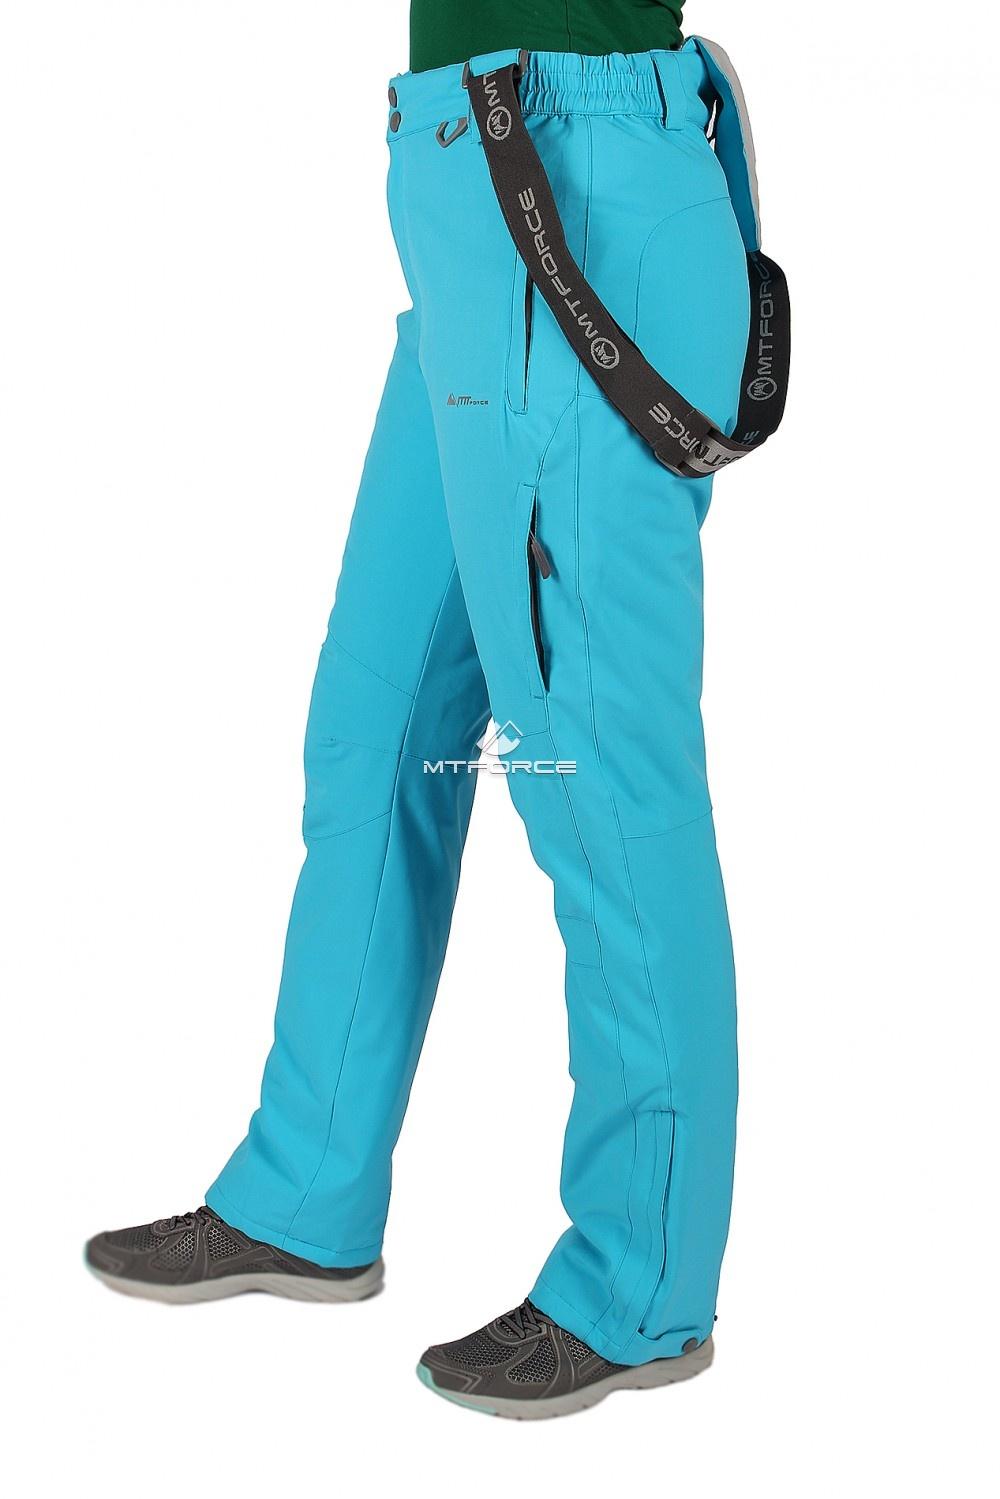 Купить                                  оптом Брюки горнолыжные женские синего цвета 524S